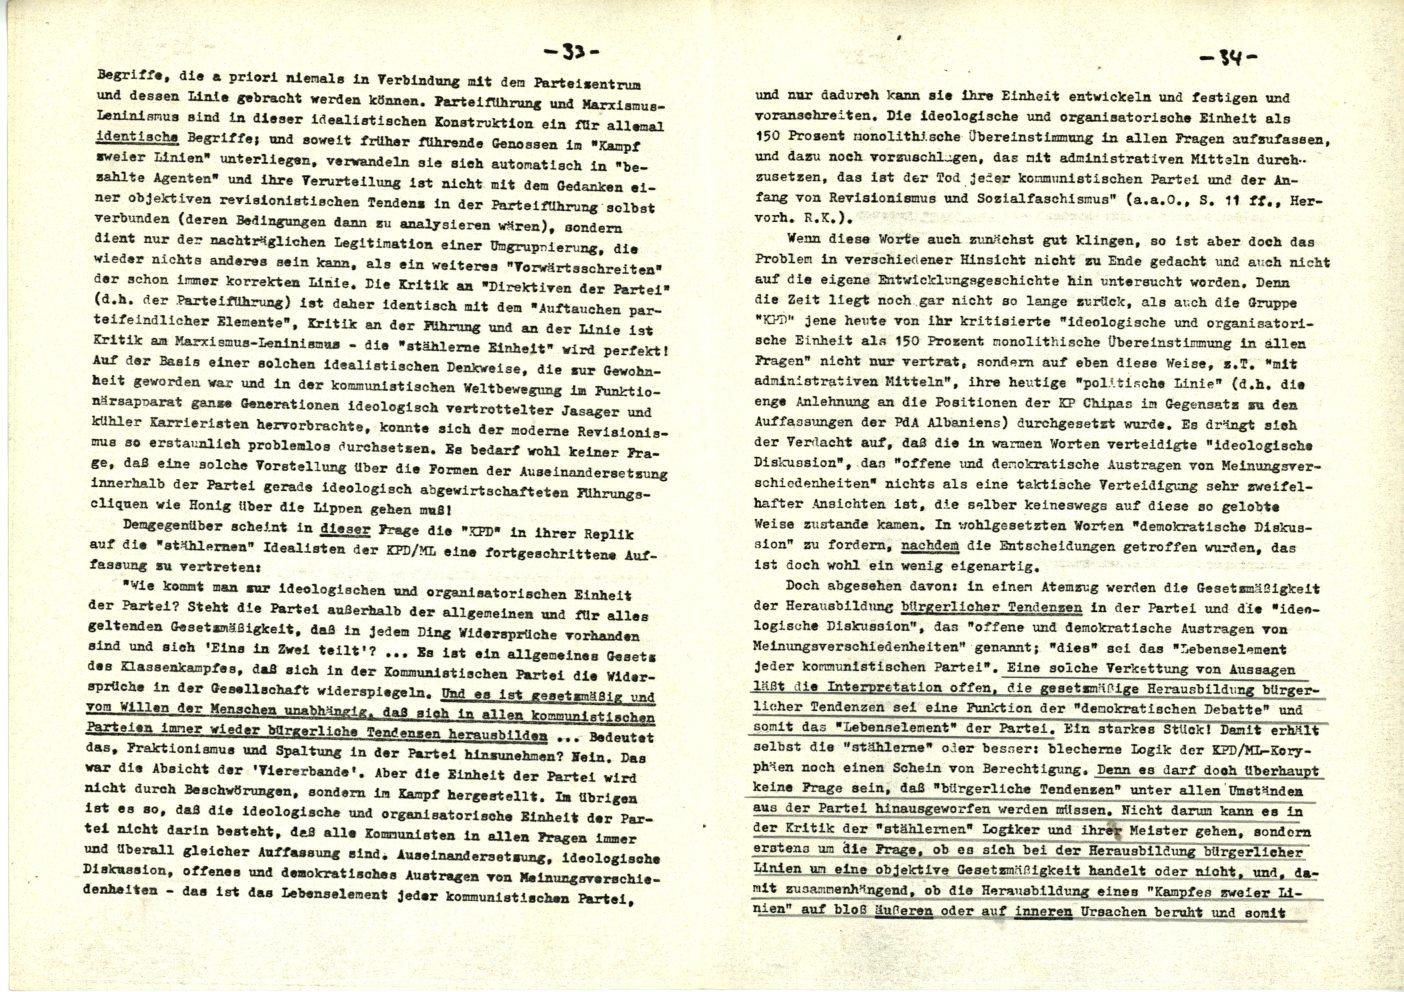 Nuernberg_Fuerth_Erlangen_ML_Diskussionsbeitraege_1978_01_18